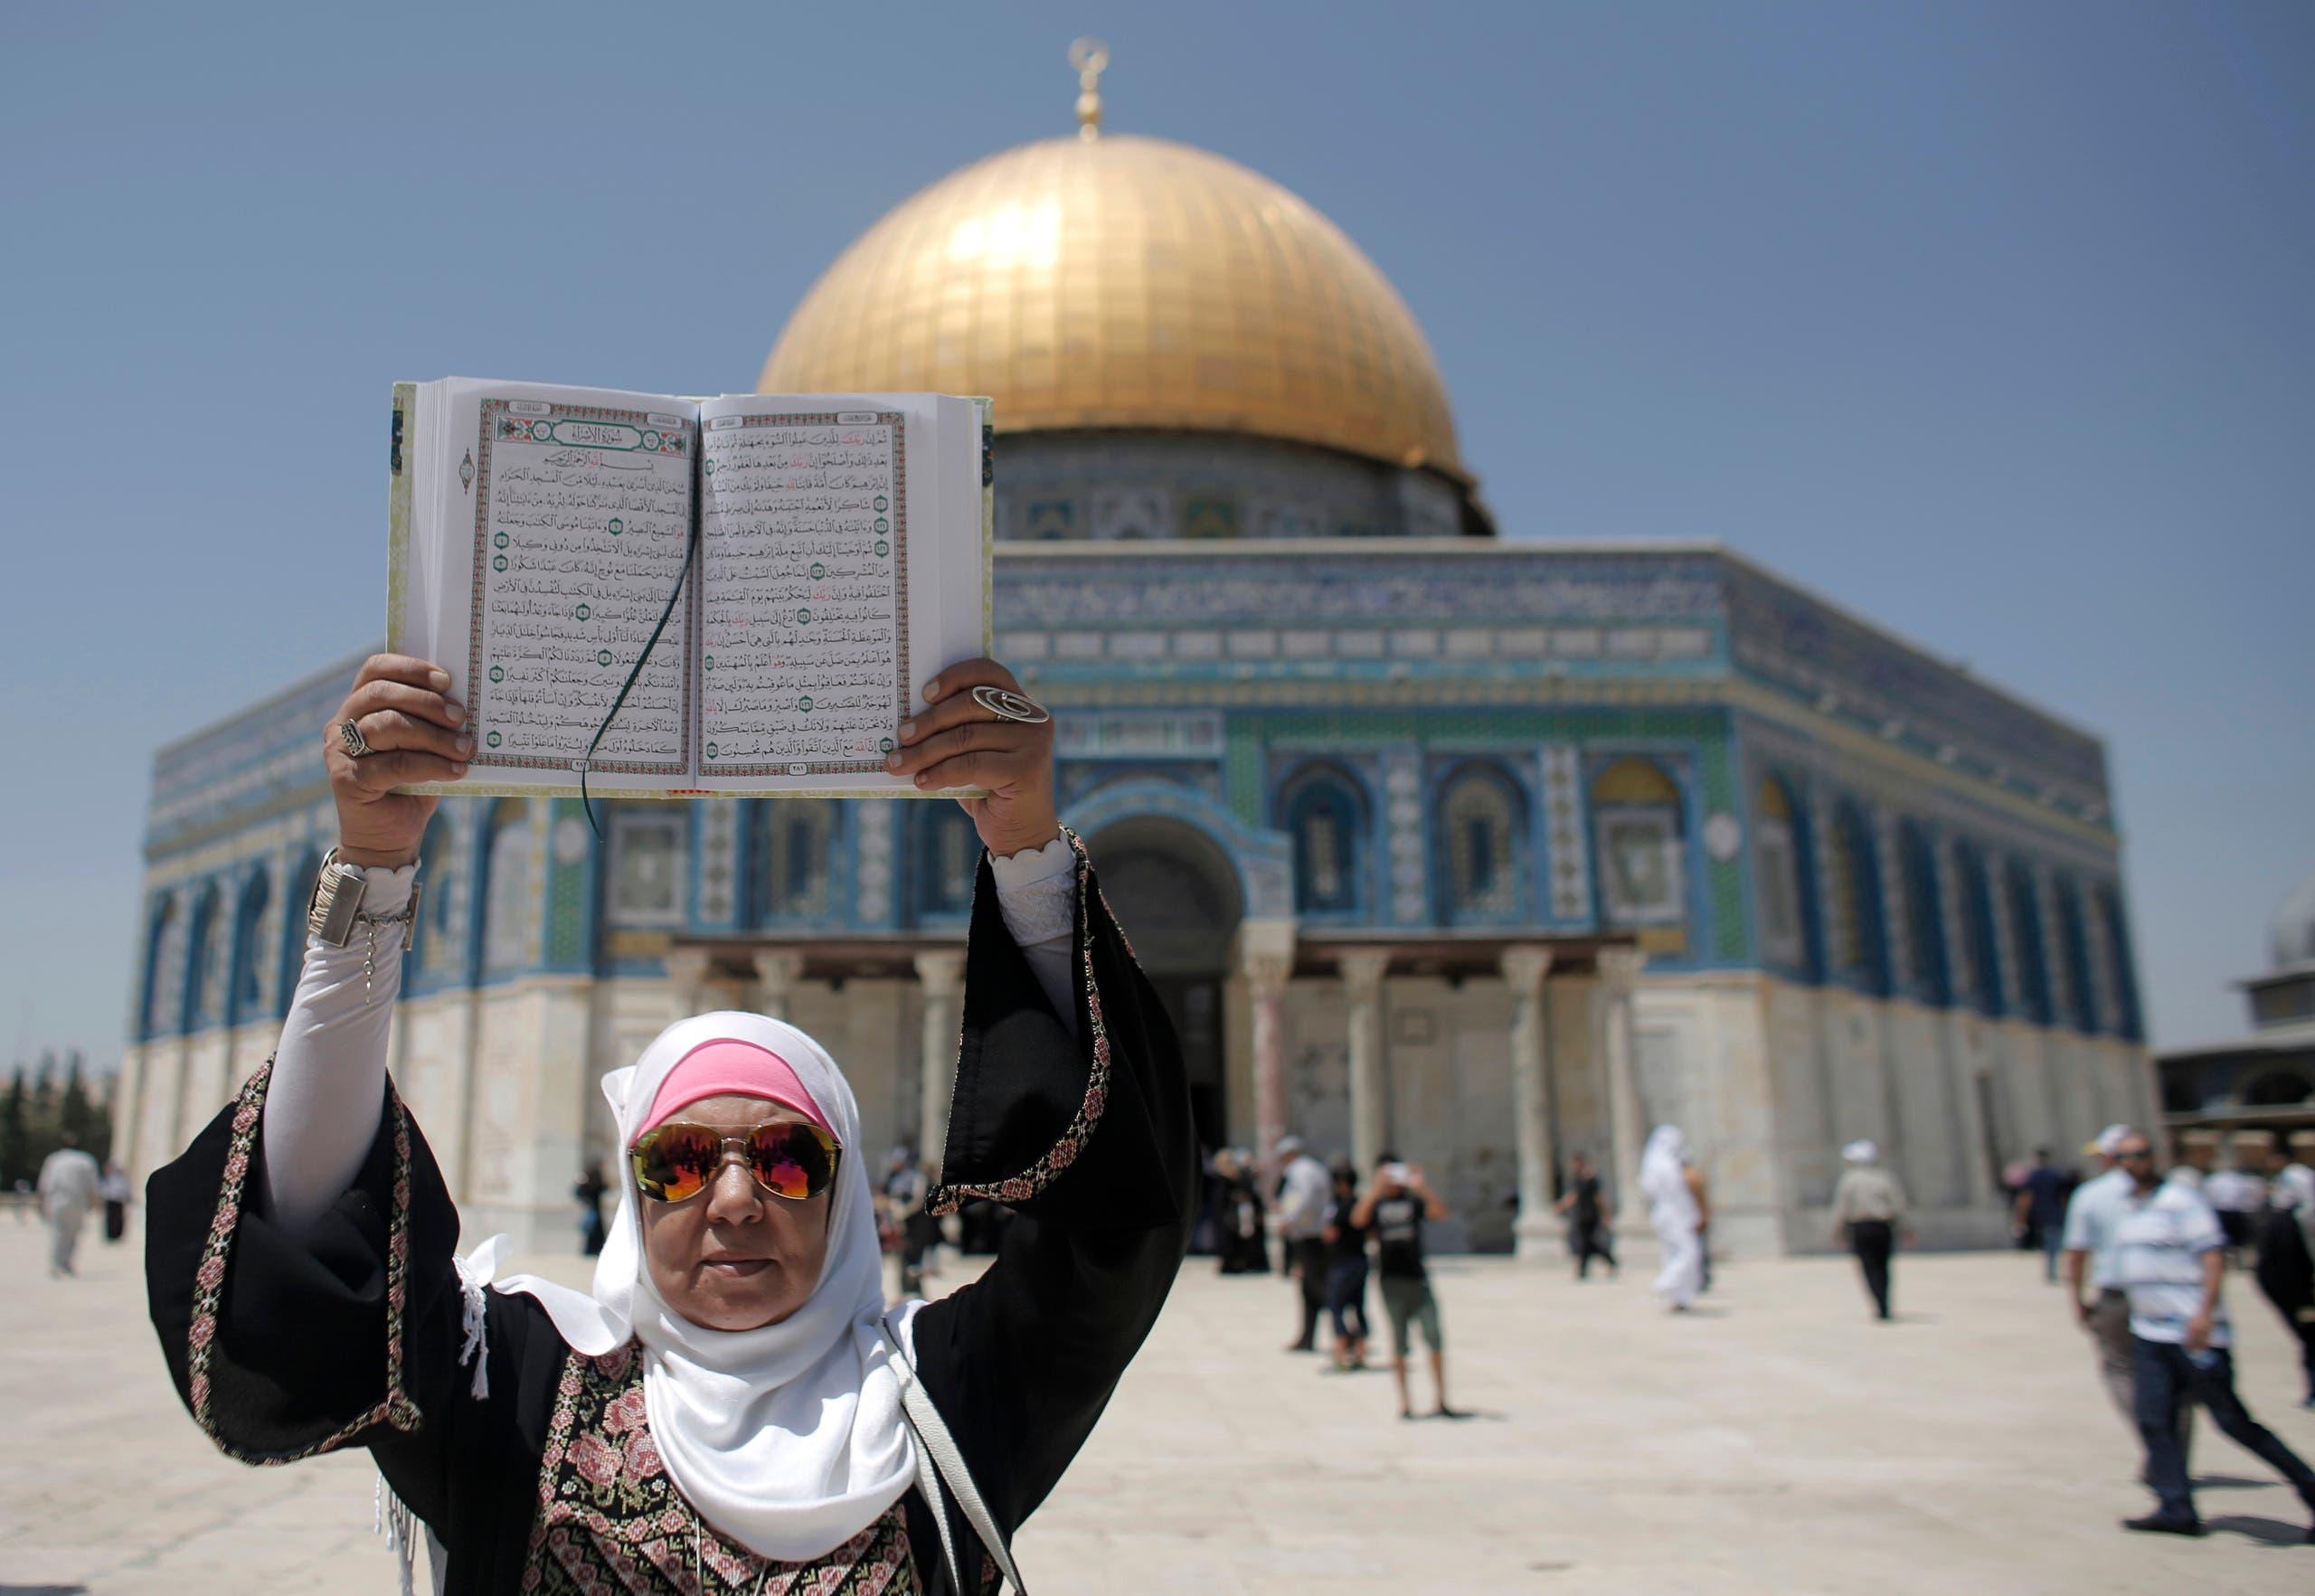 سيدة فلسطينية تحمل المصحف الشريف في المسجد الأقصى